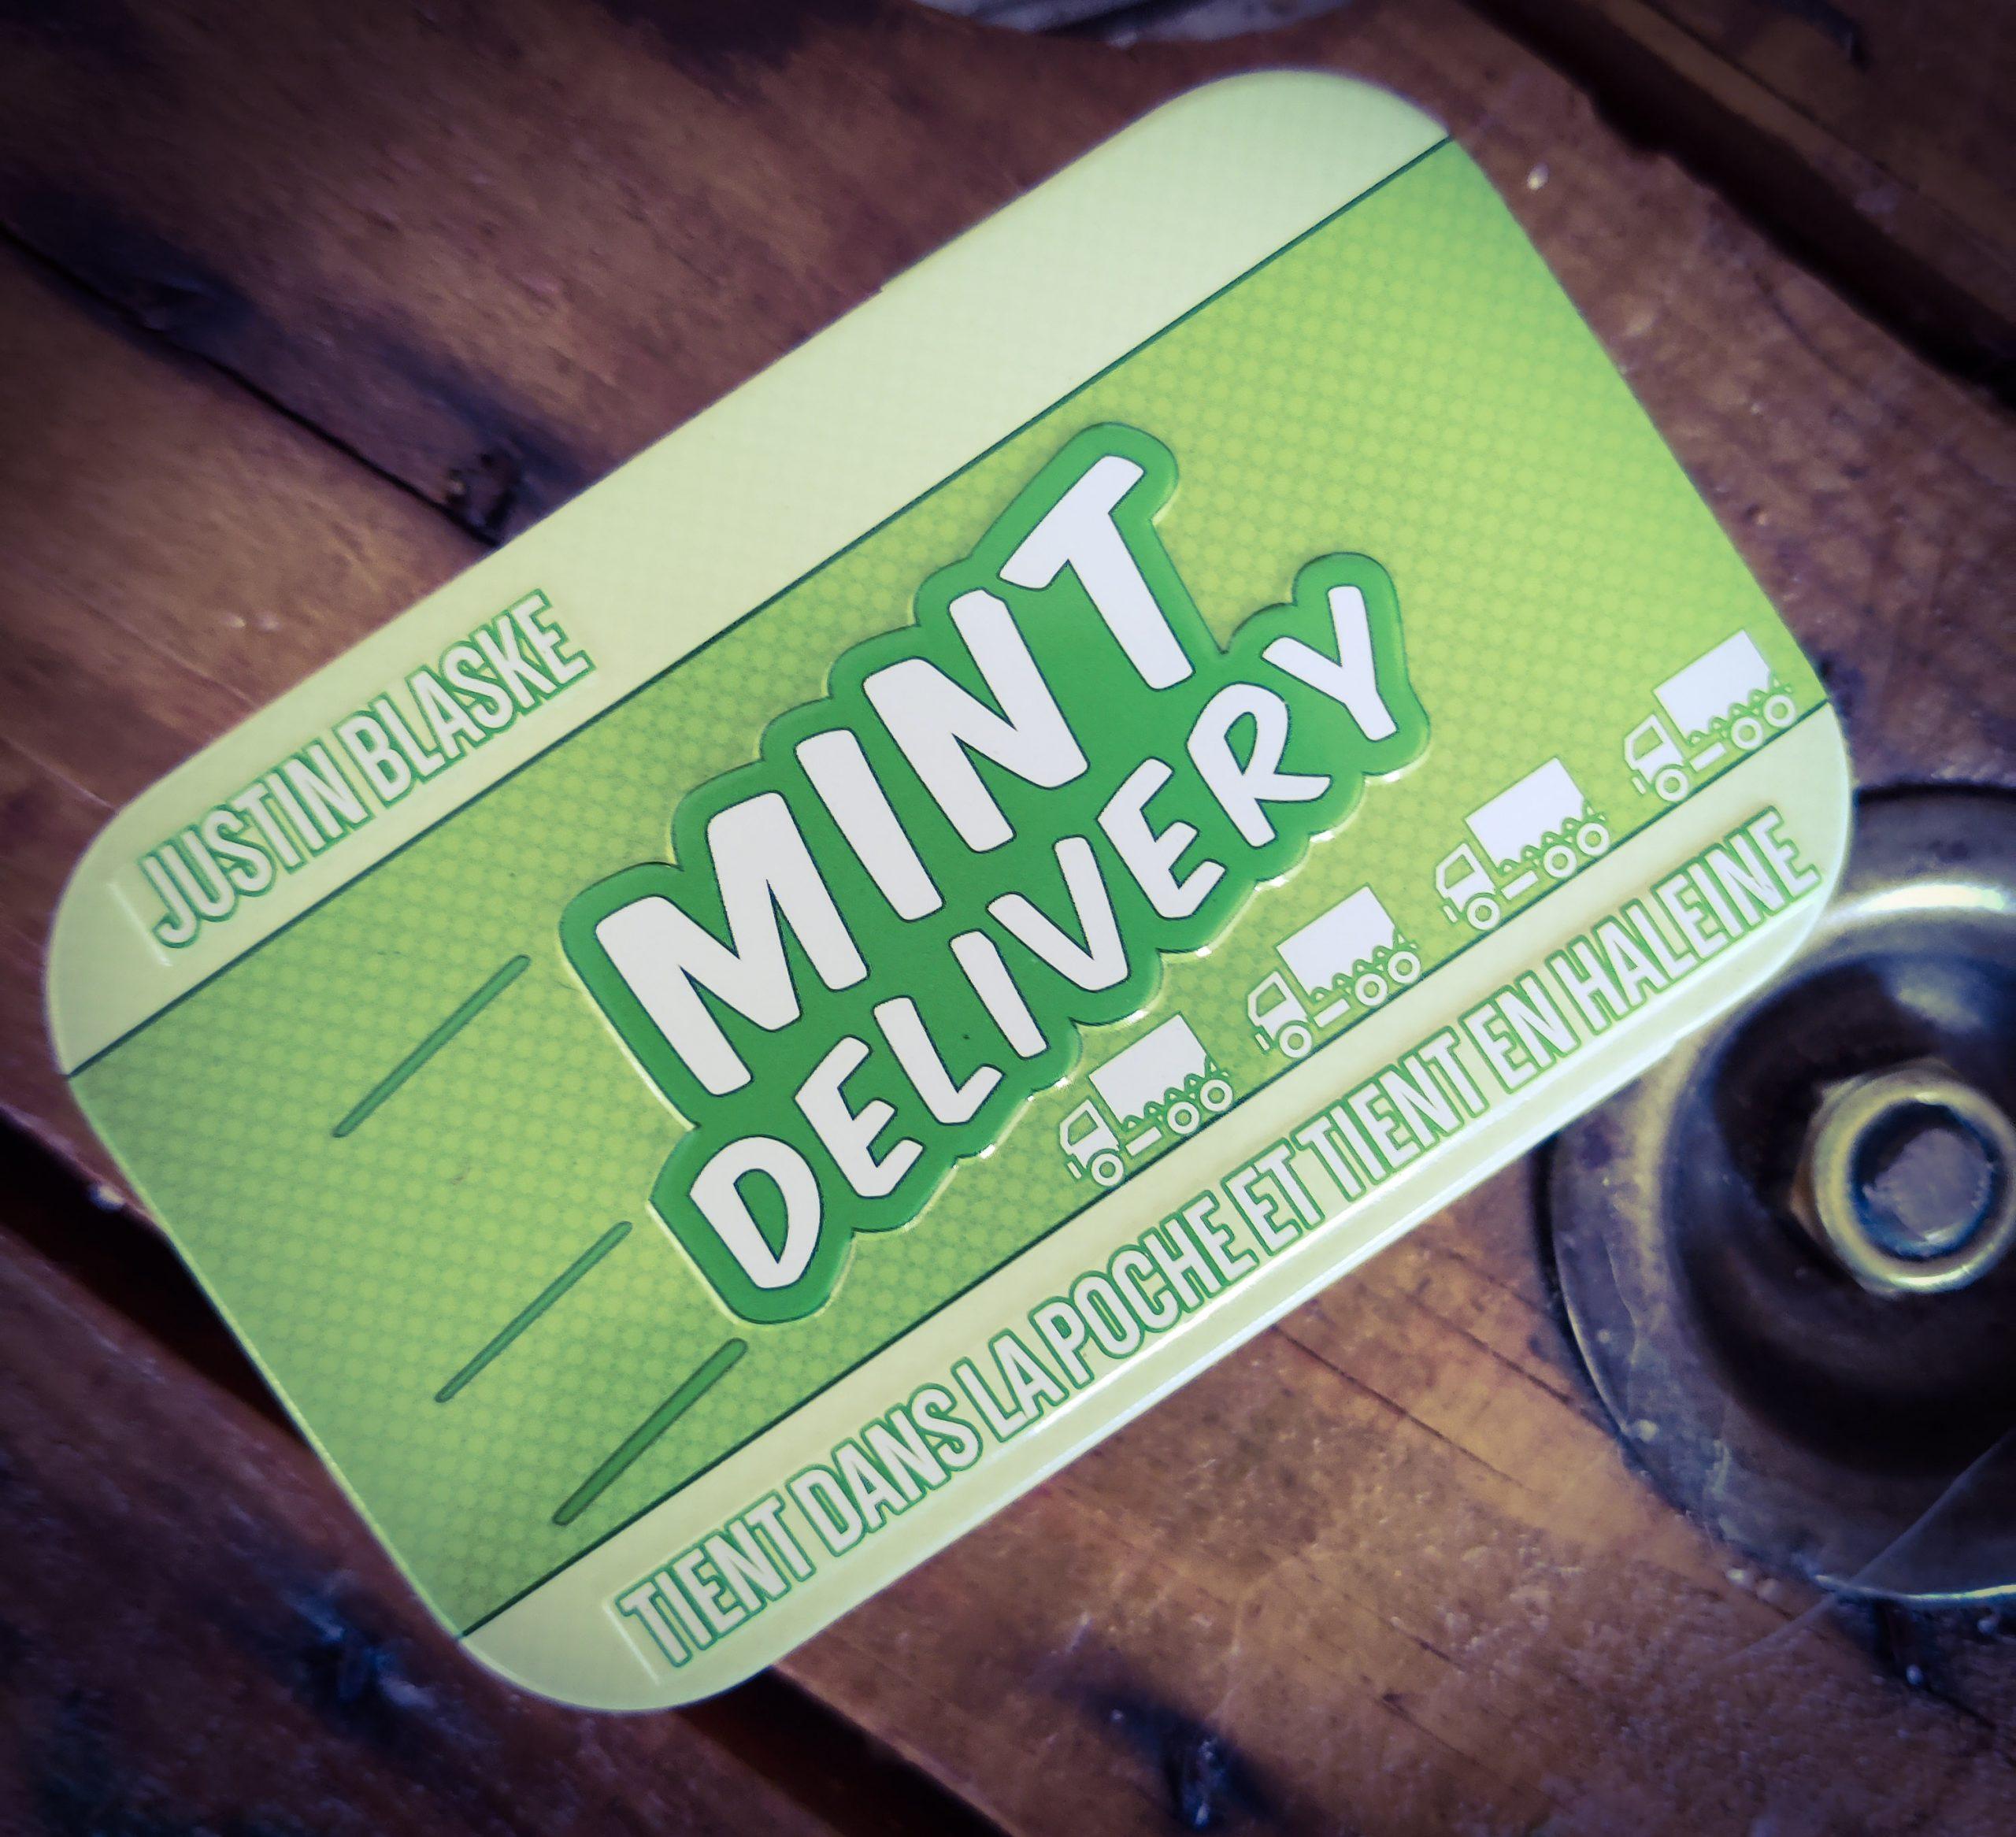 [Test] Mint Delivery, les routiers à l'haleine fraiche